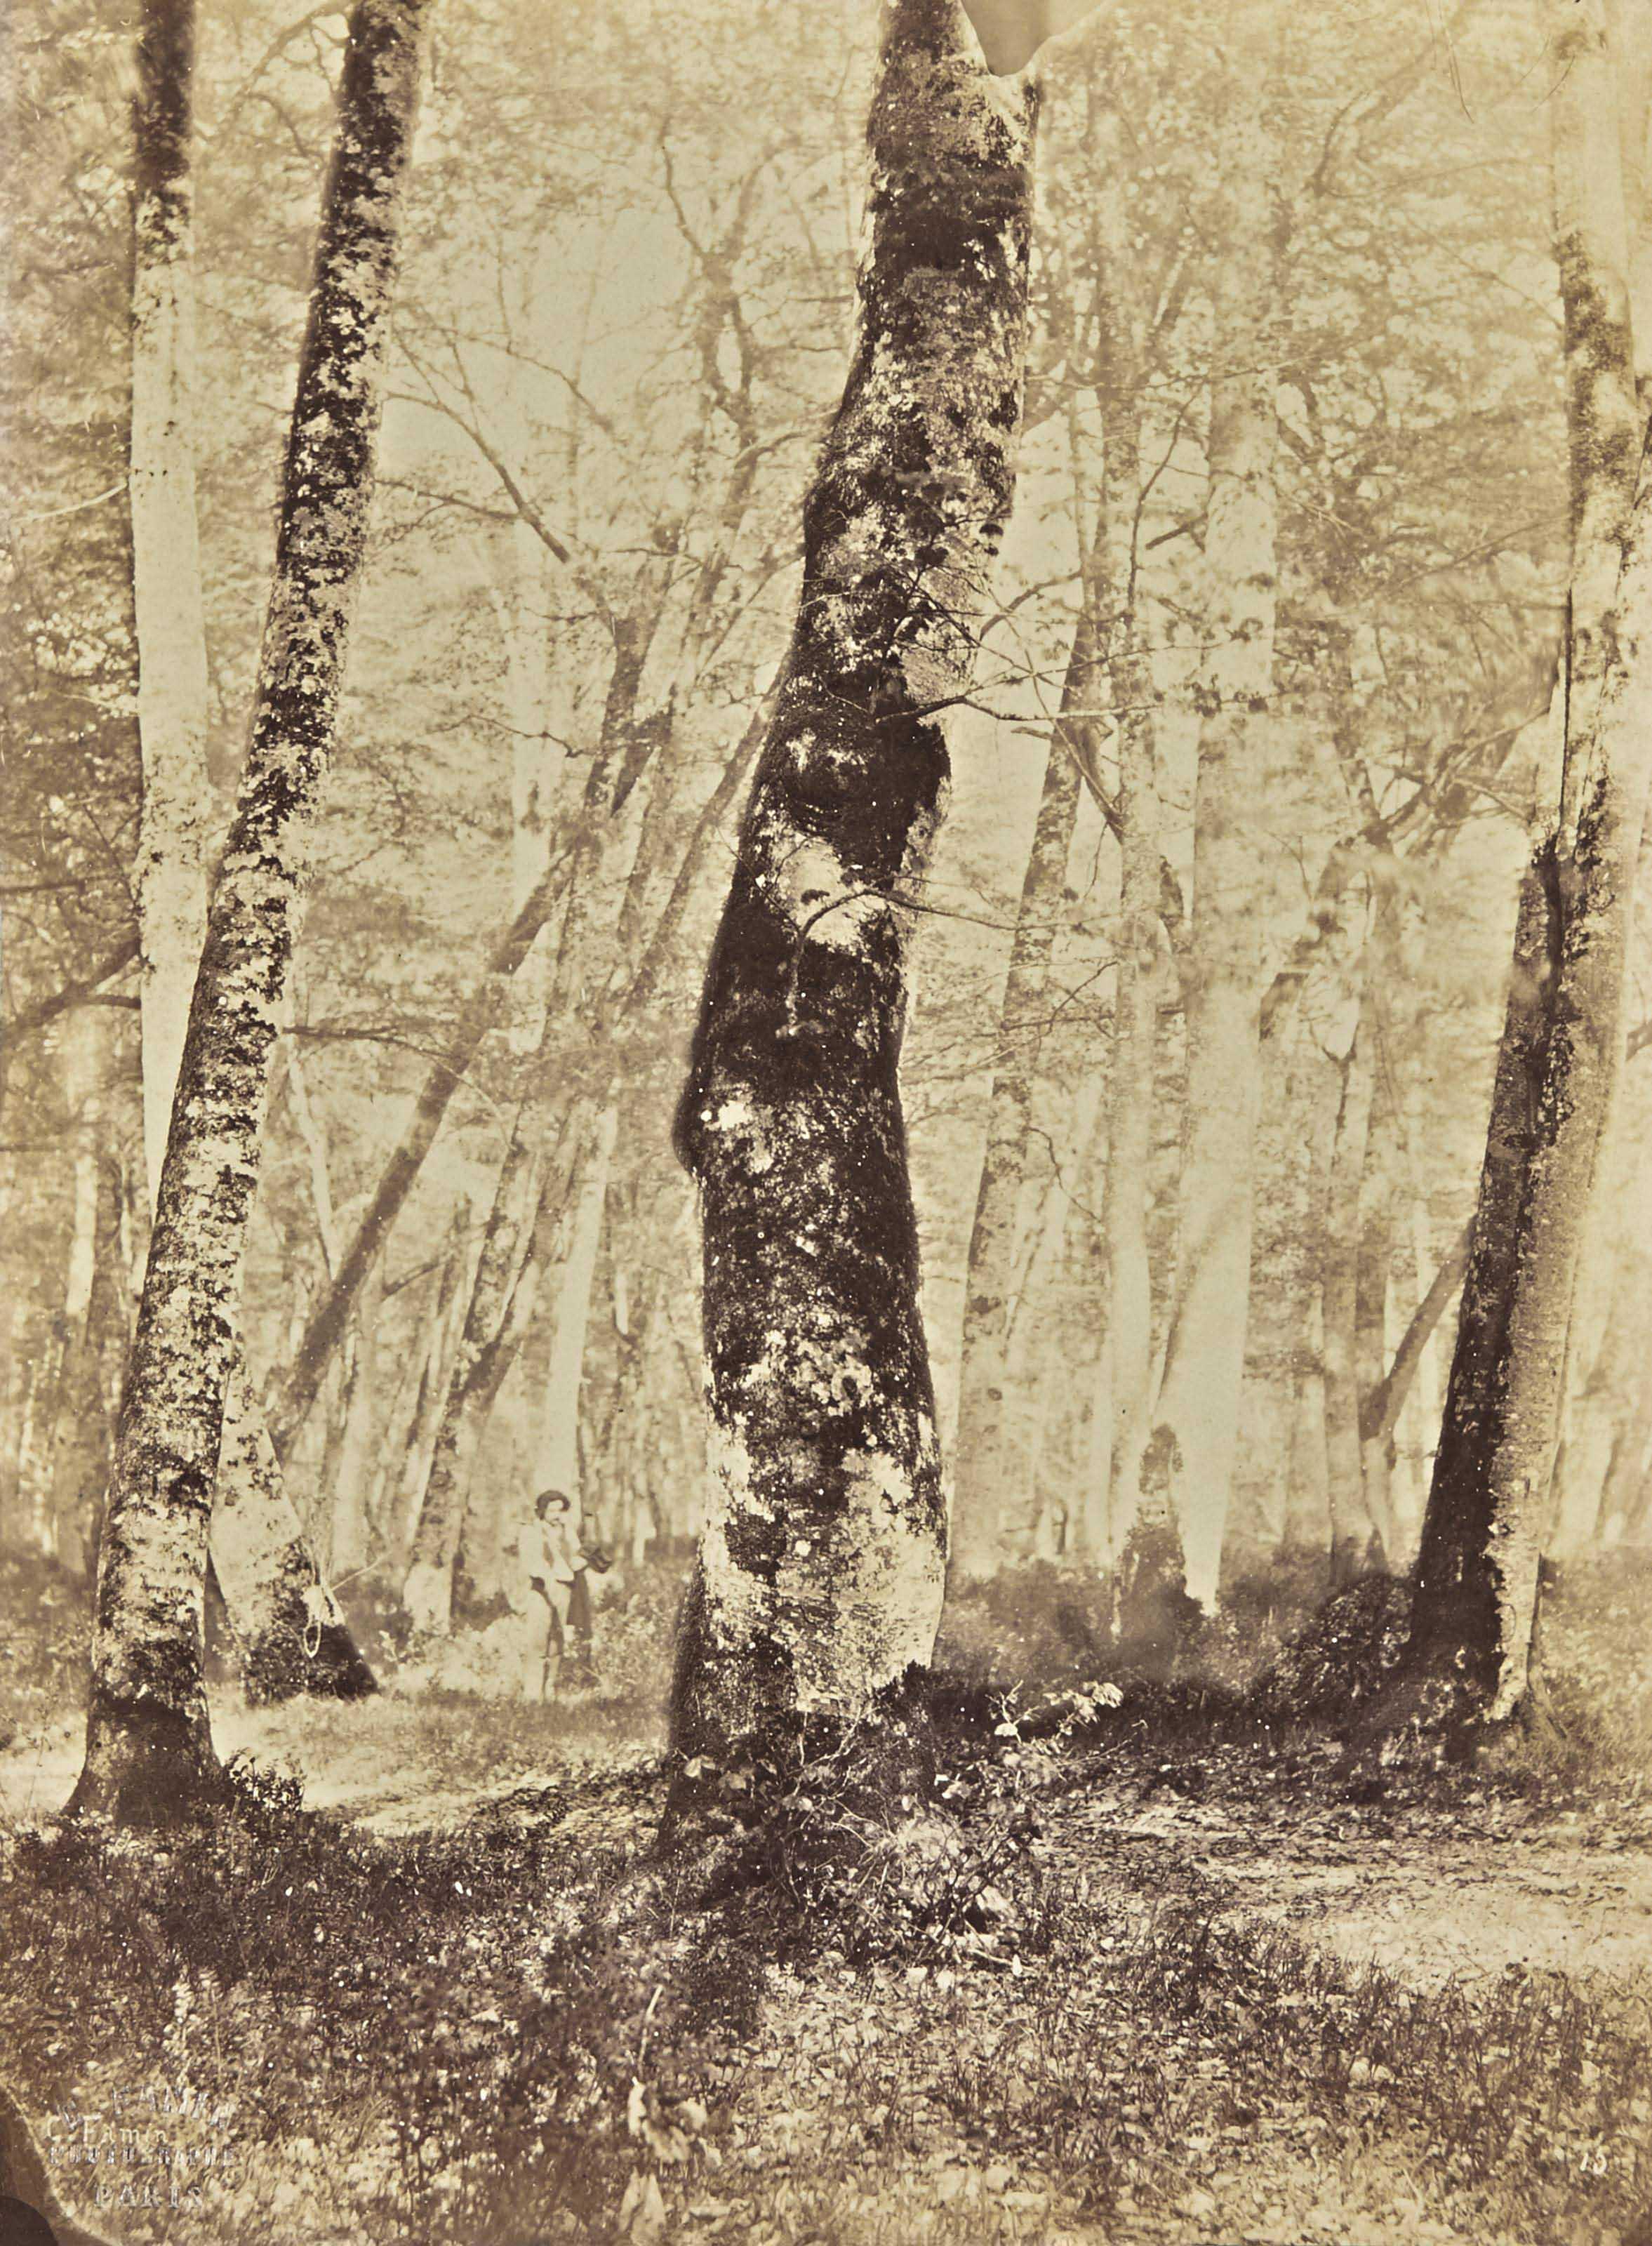 En forêt de Fontainebleau, 1874